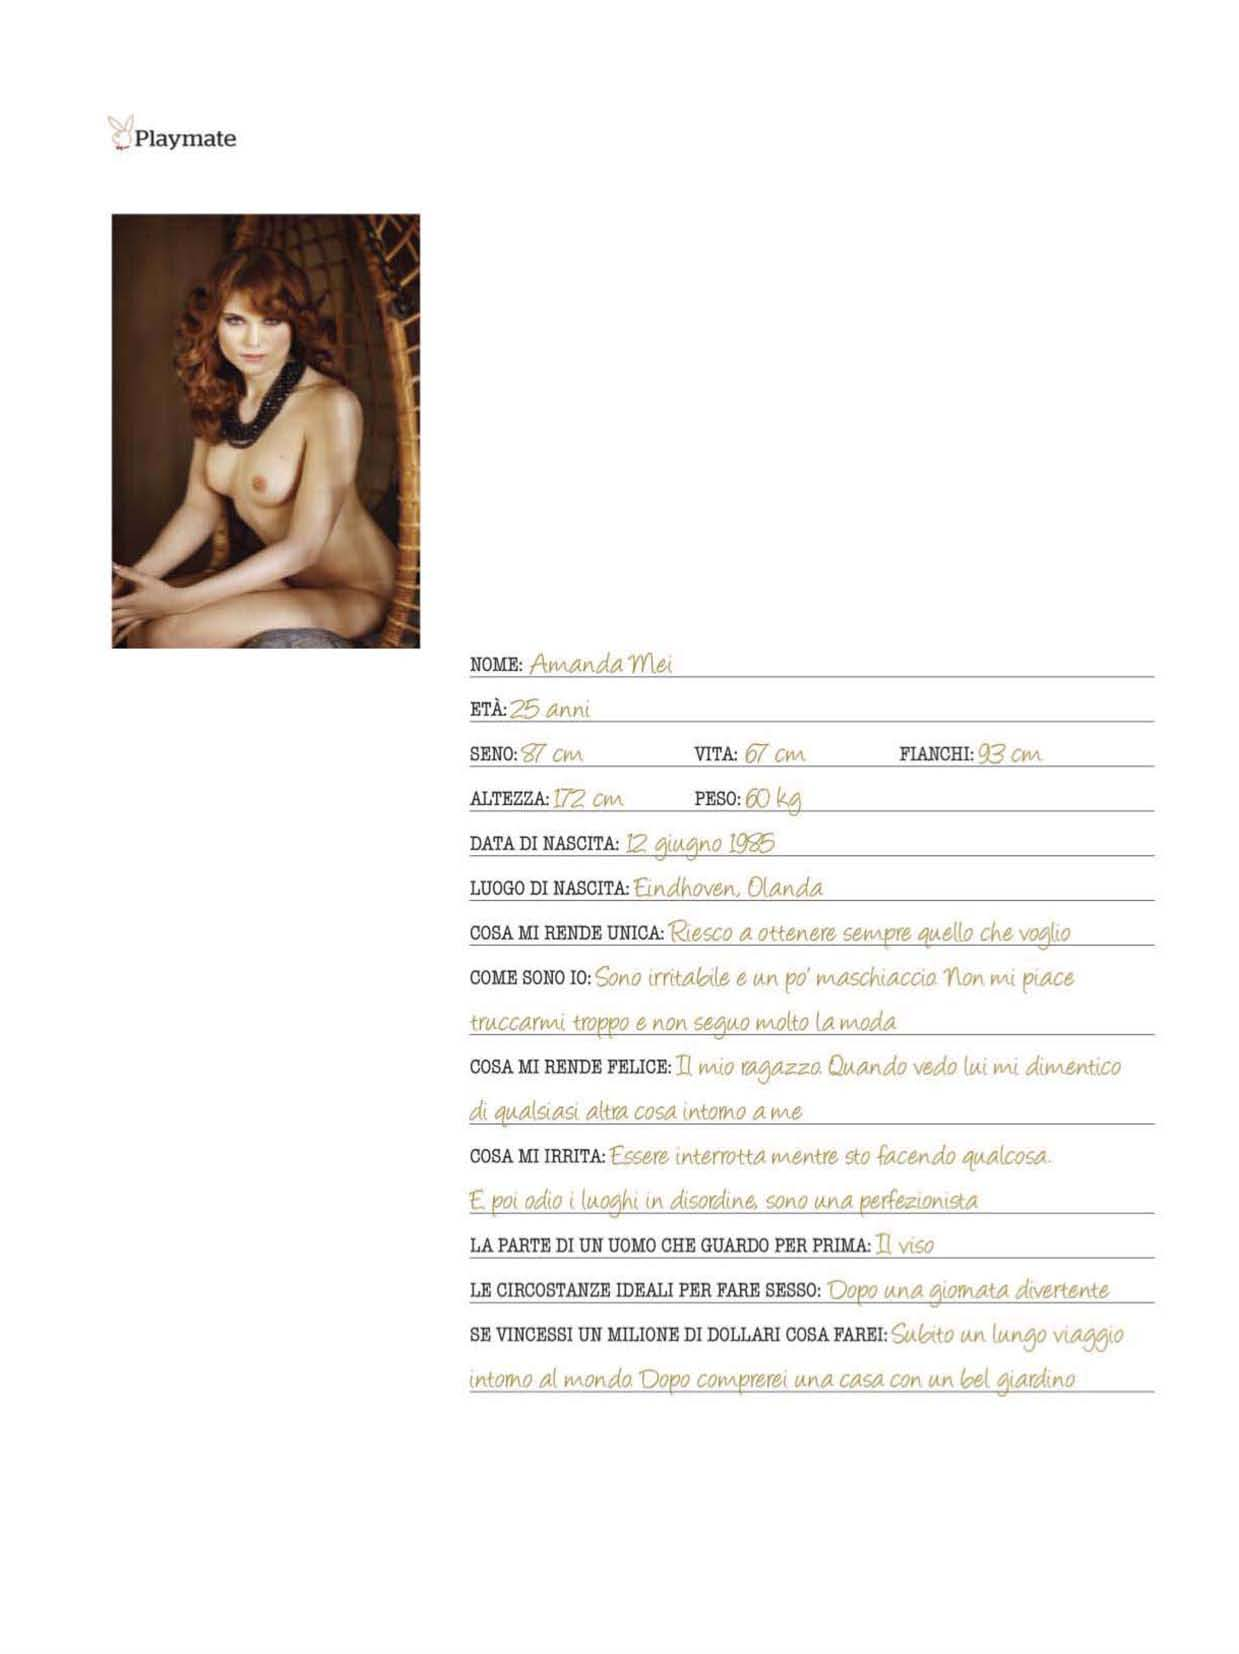 51462_septimiu29_AmandaMei_PlayboyItaly_Sep201011_123_514lo.jpg